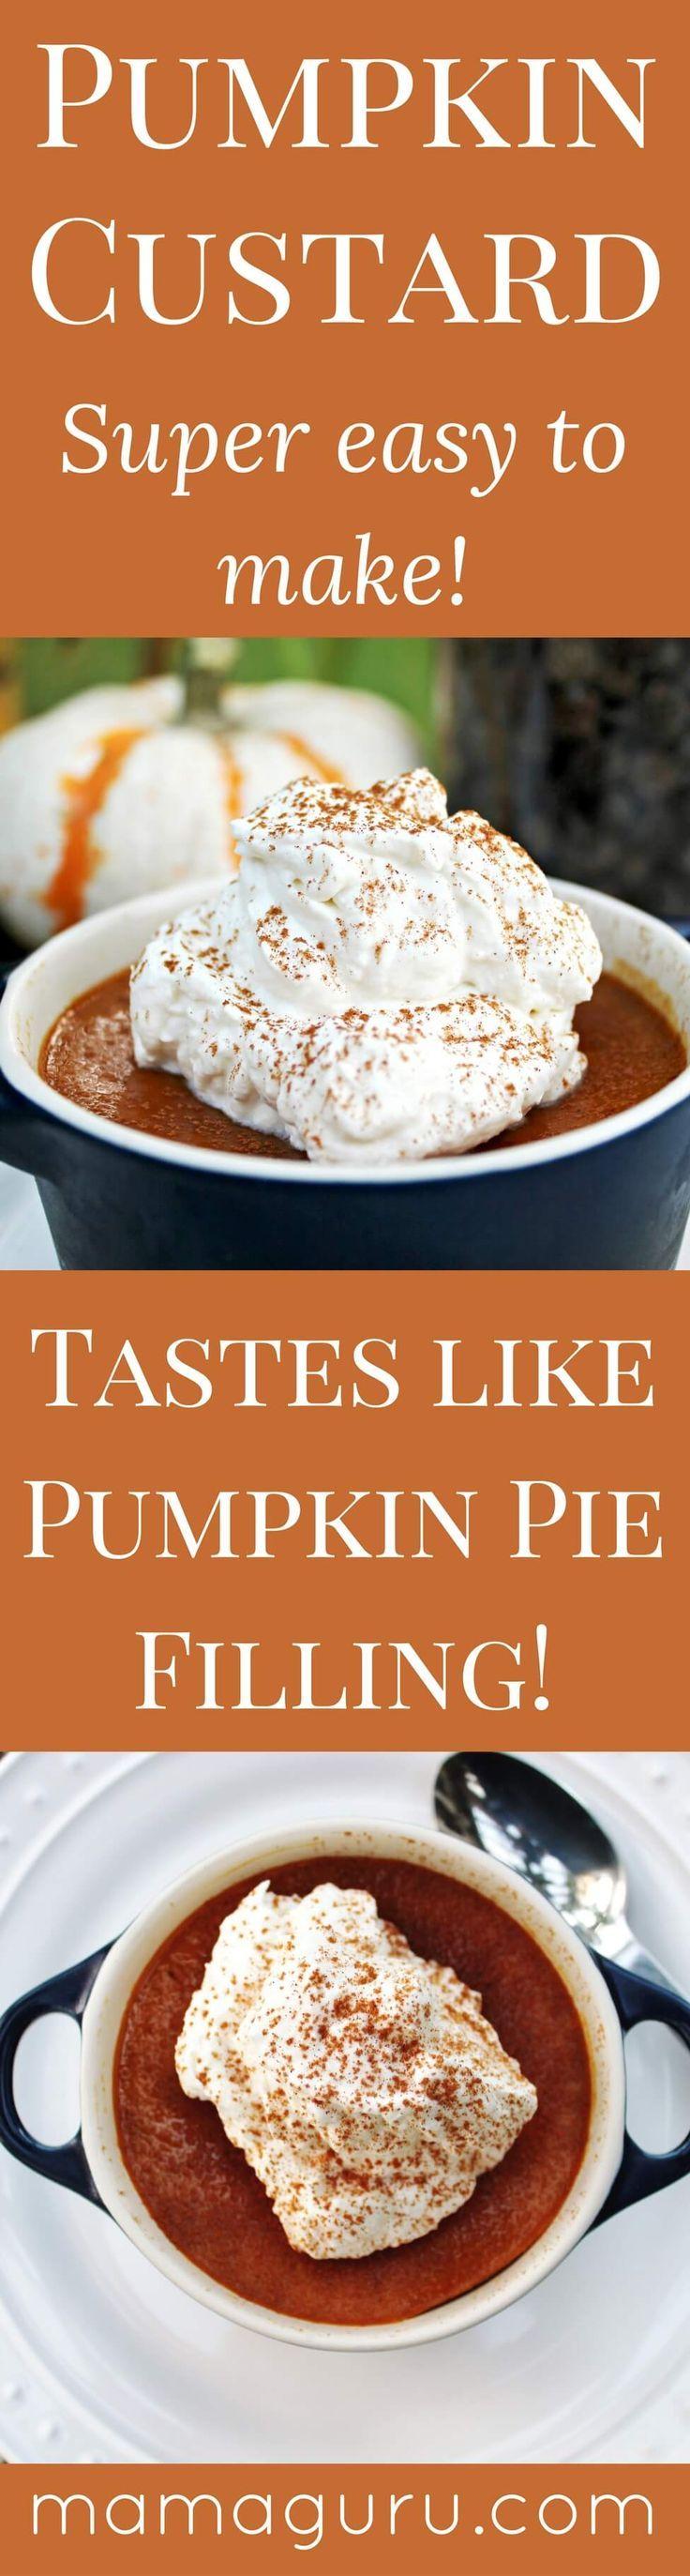 69 best Thanksgiving Dinner images on Pinterest